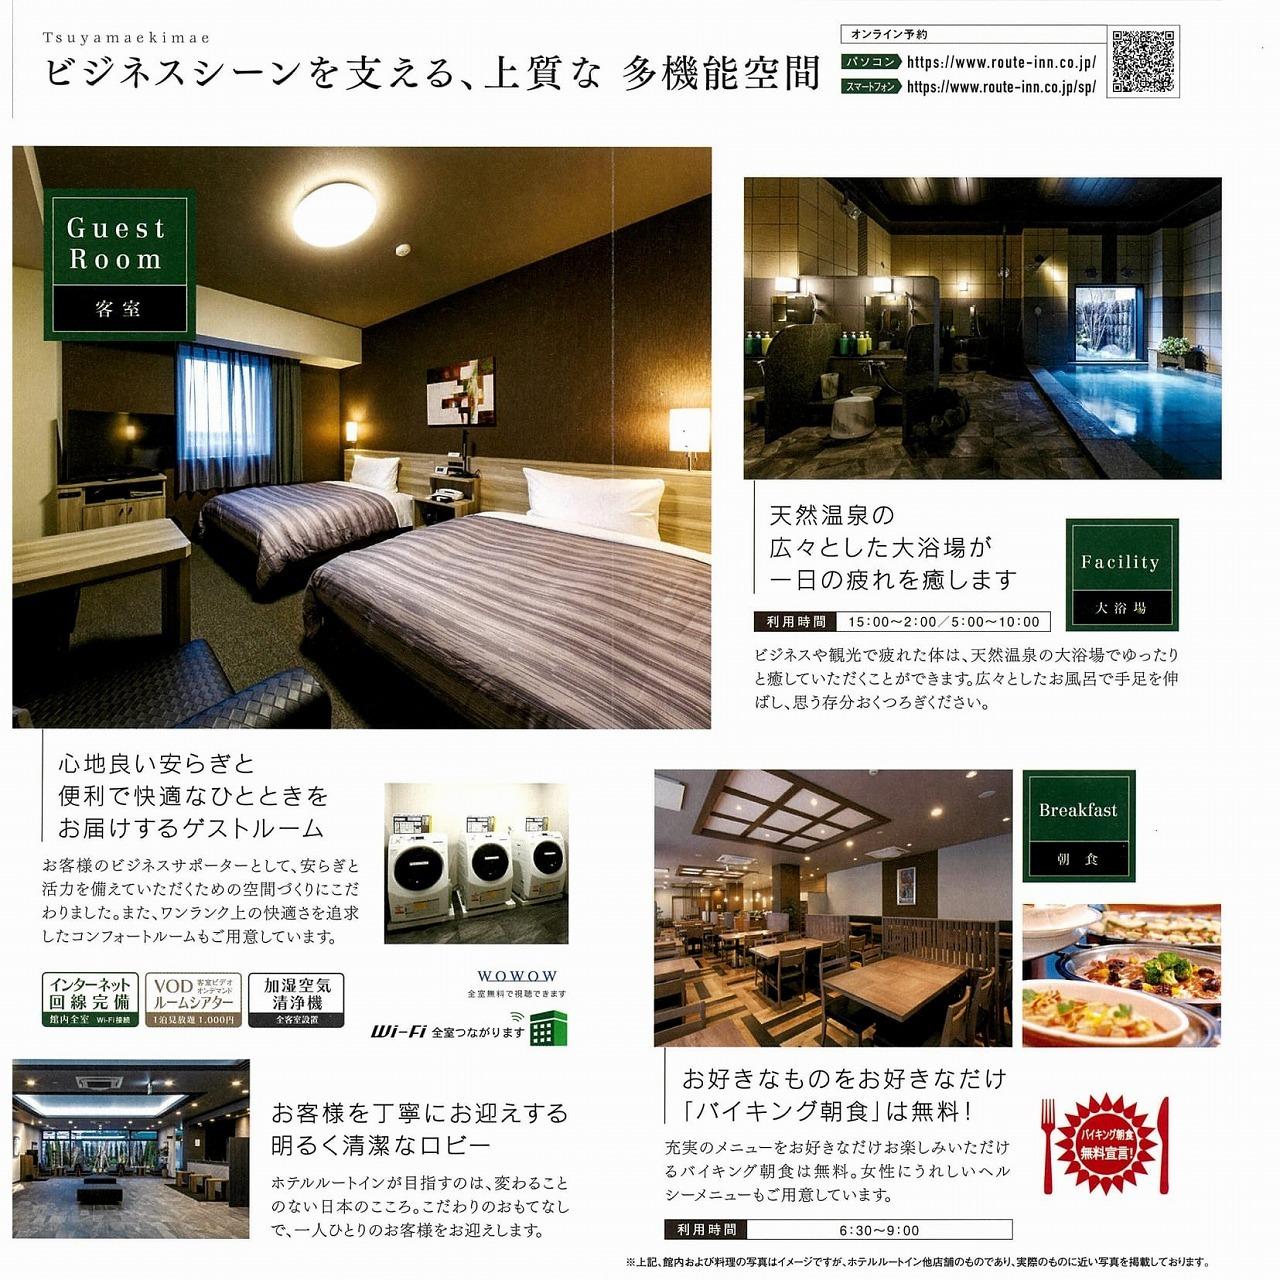 ホテルルートイン津山駅前オープンのお知らせ_f0151251_09111968.jpg